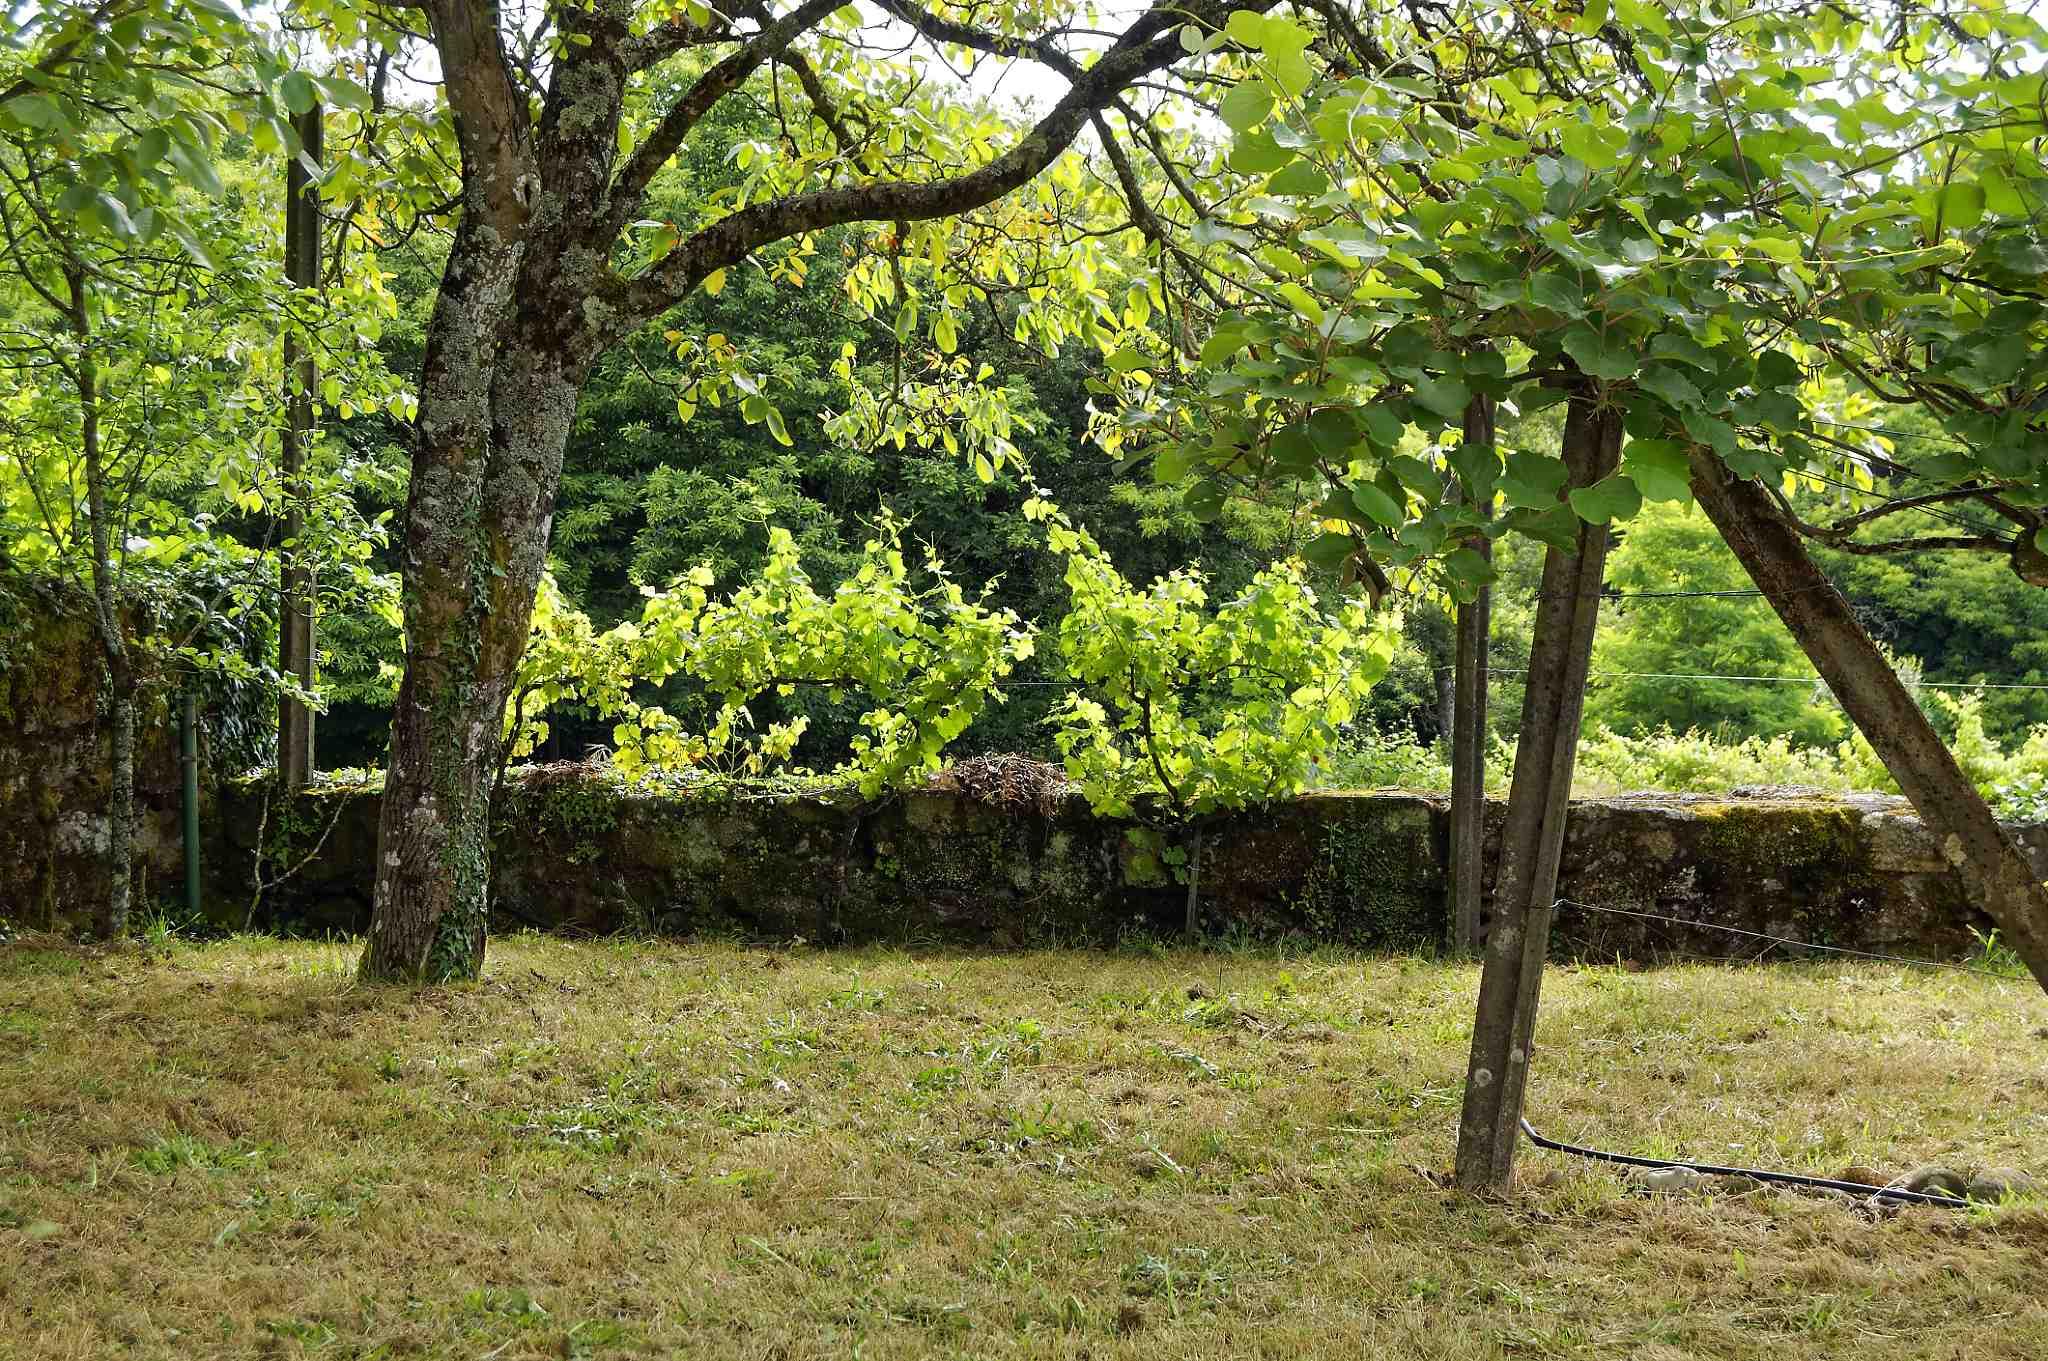 Vine & tree